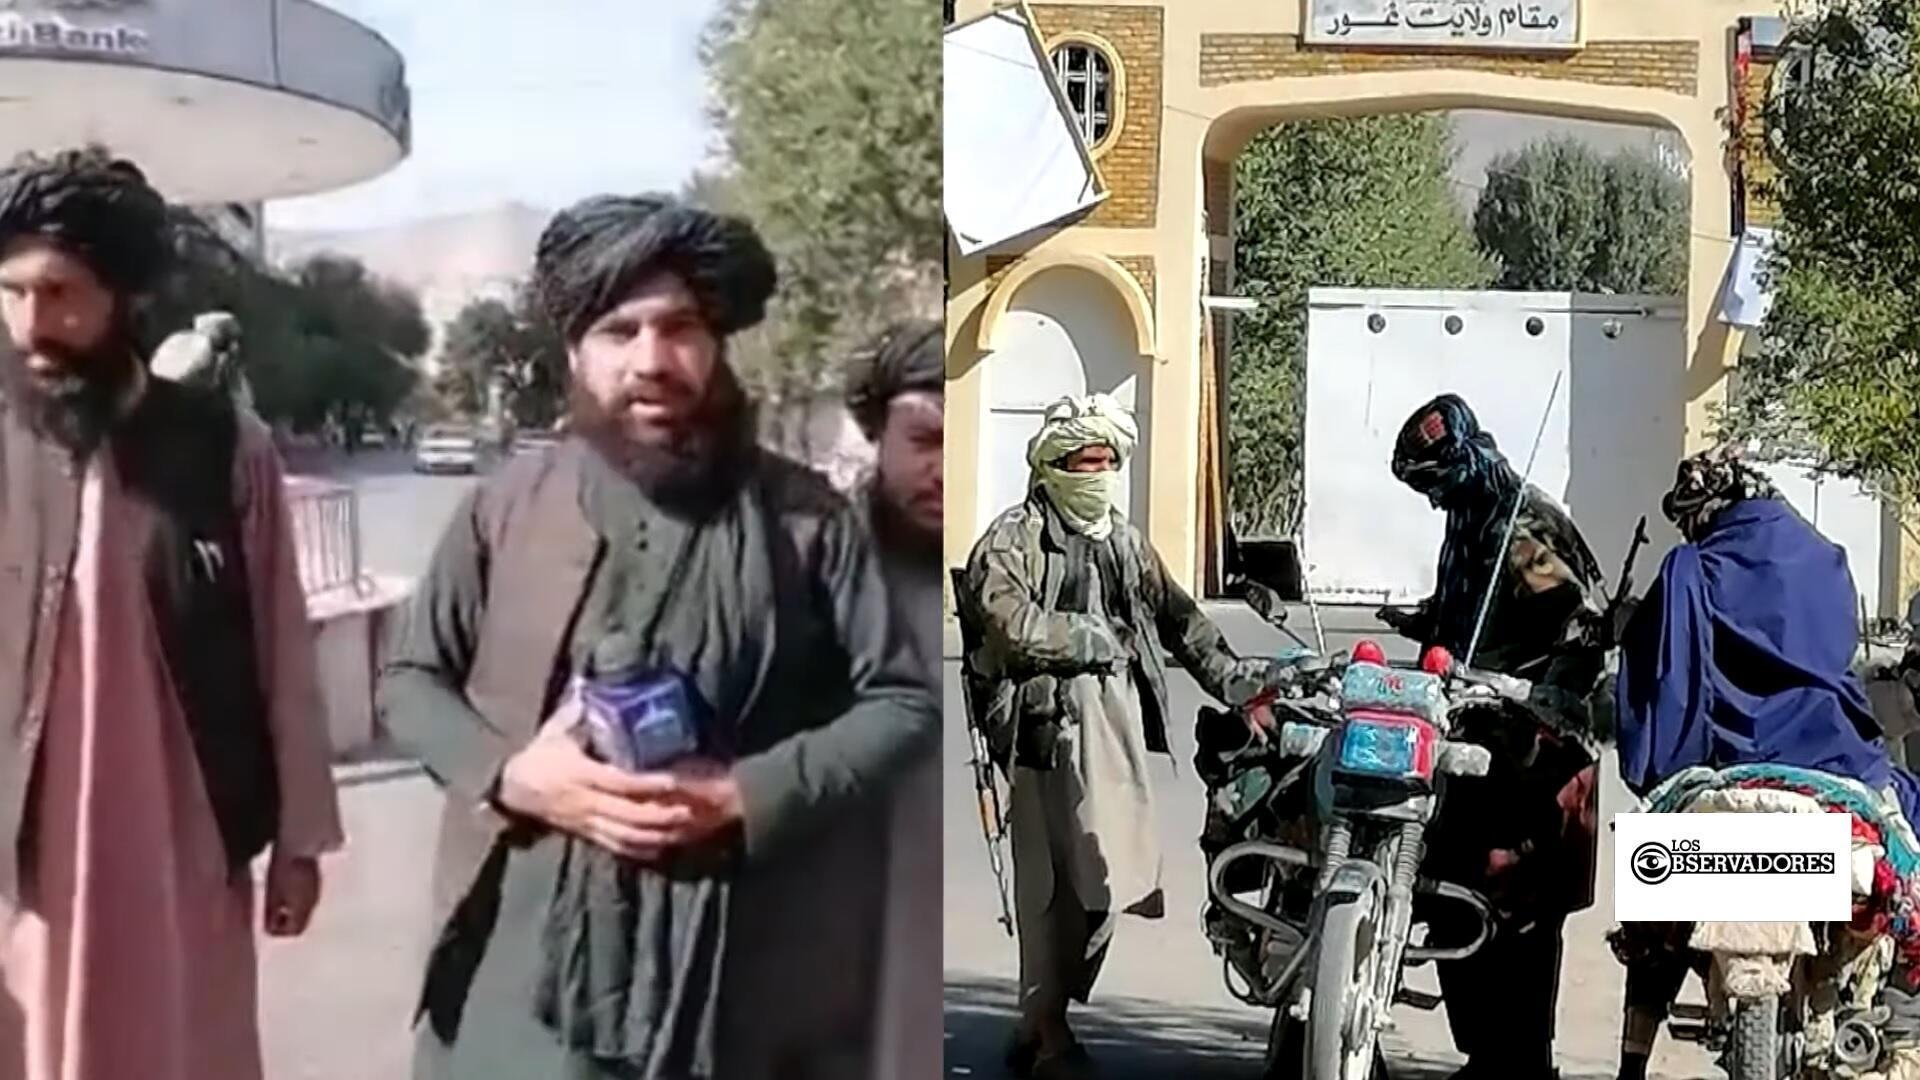 Observadores - afganos bajo el Talibán